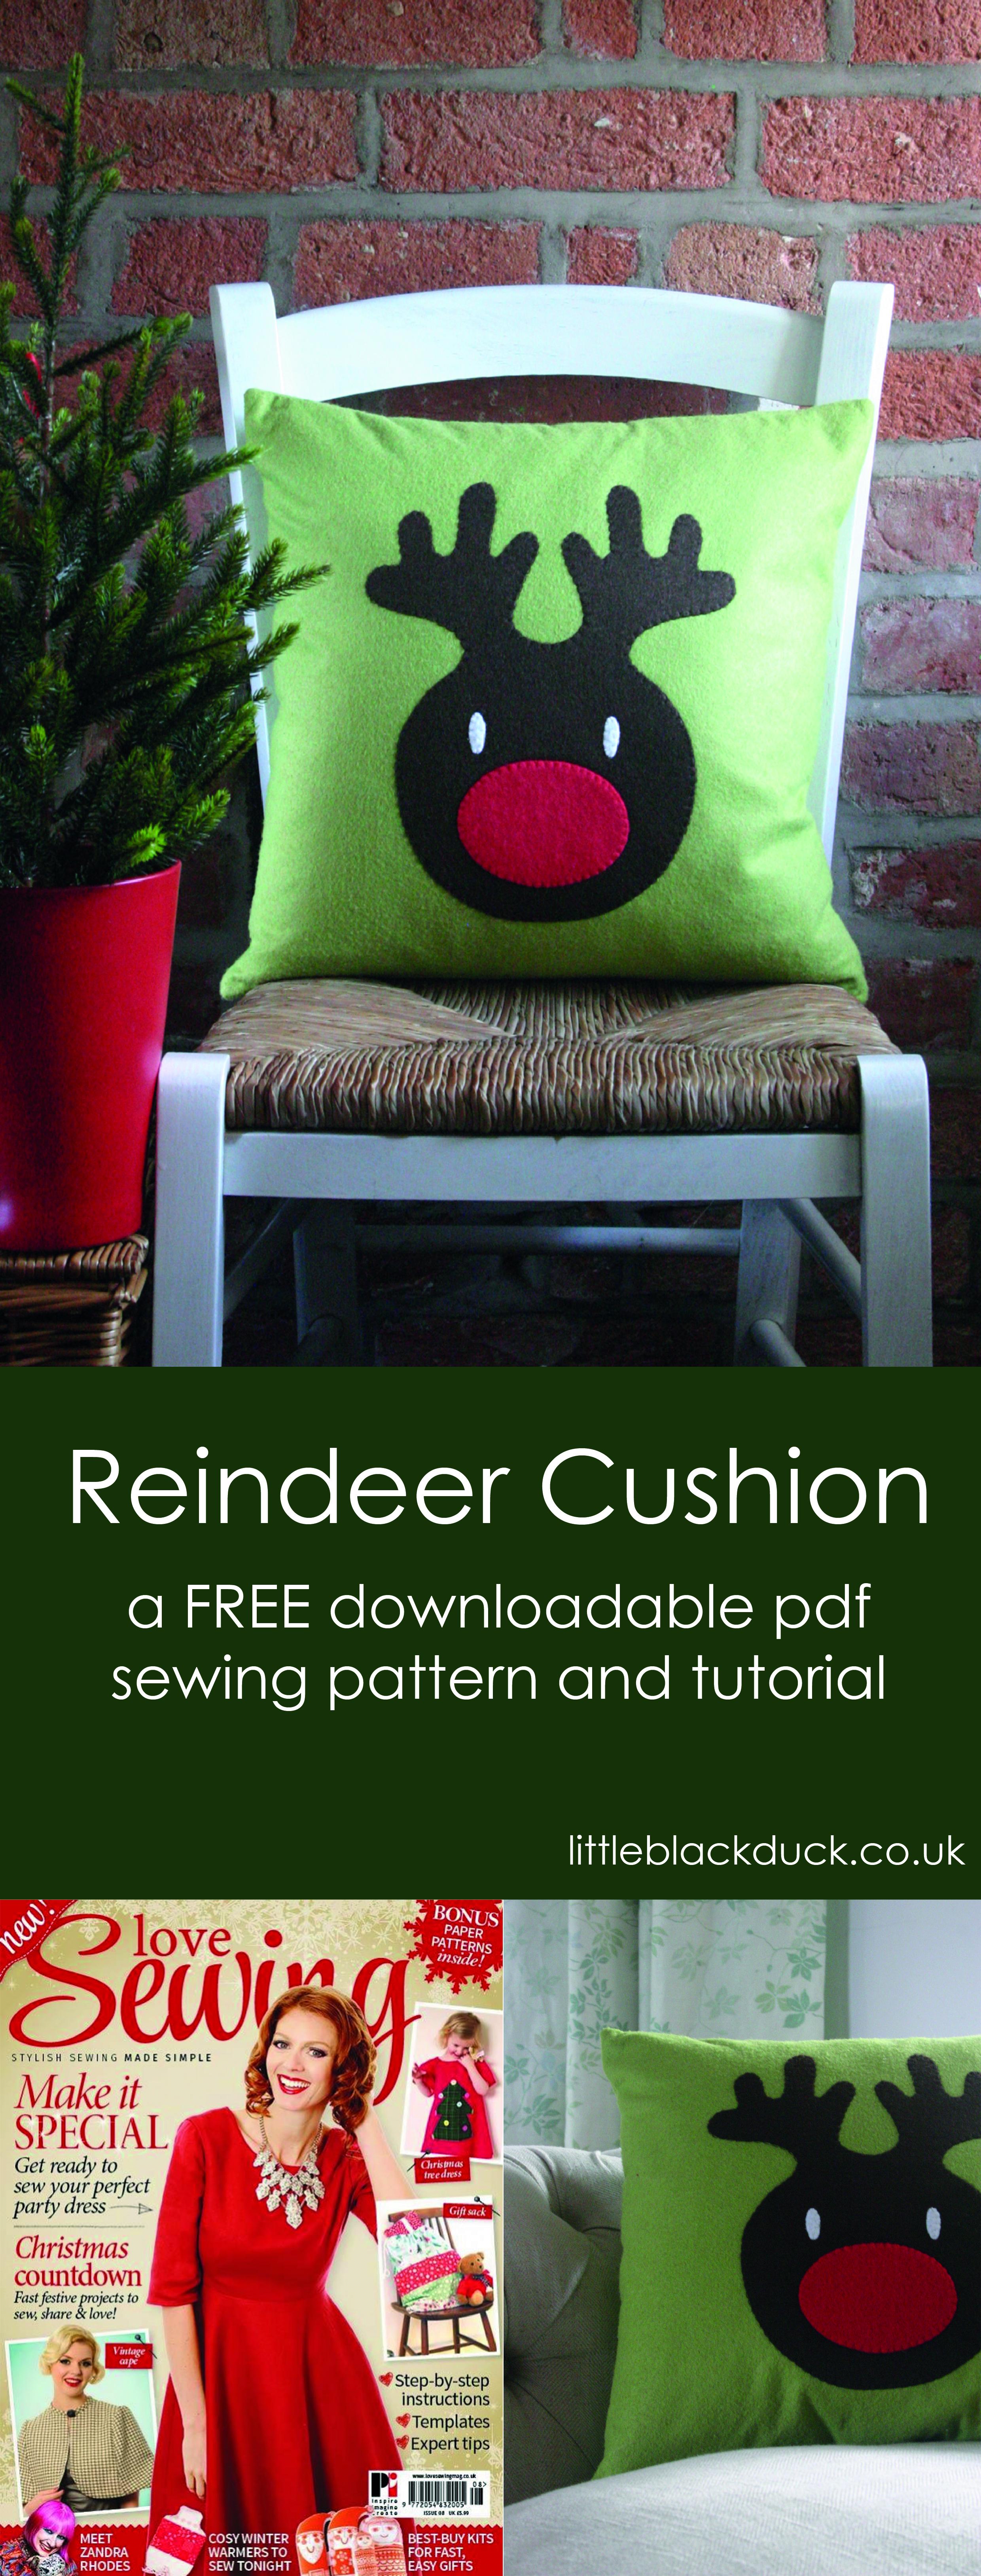 Reindeer Cushion free pattern